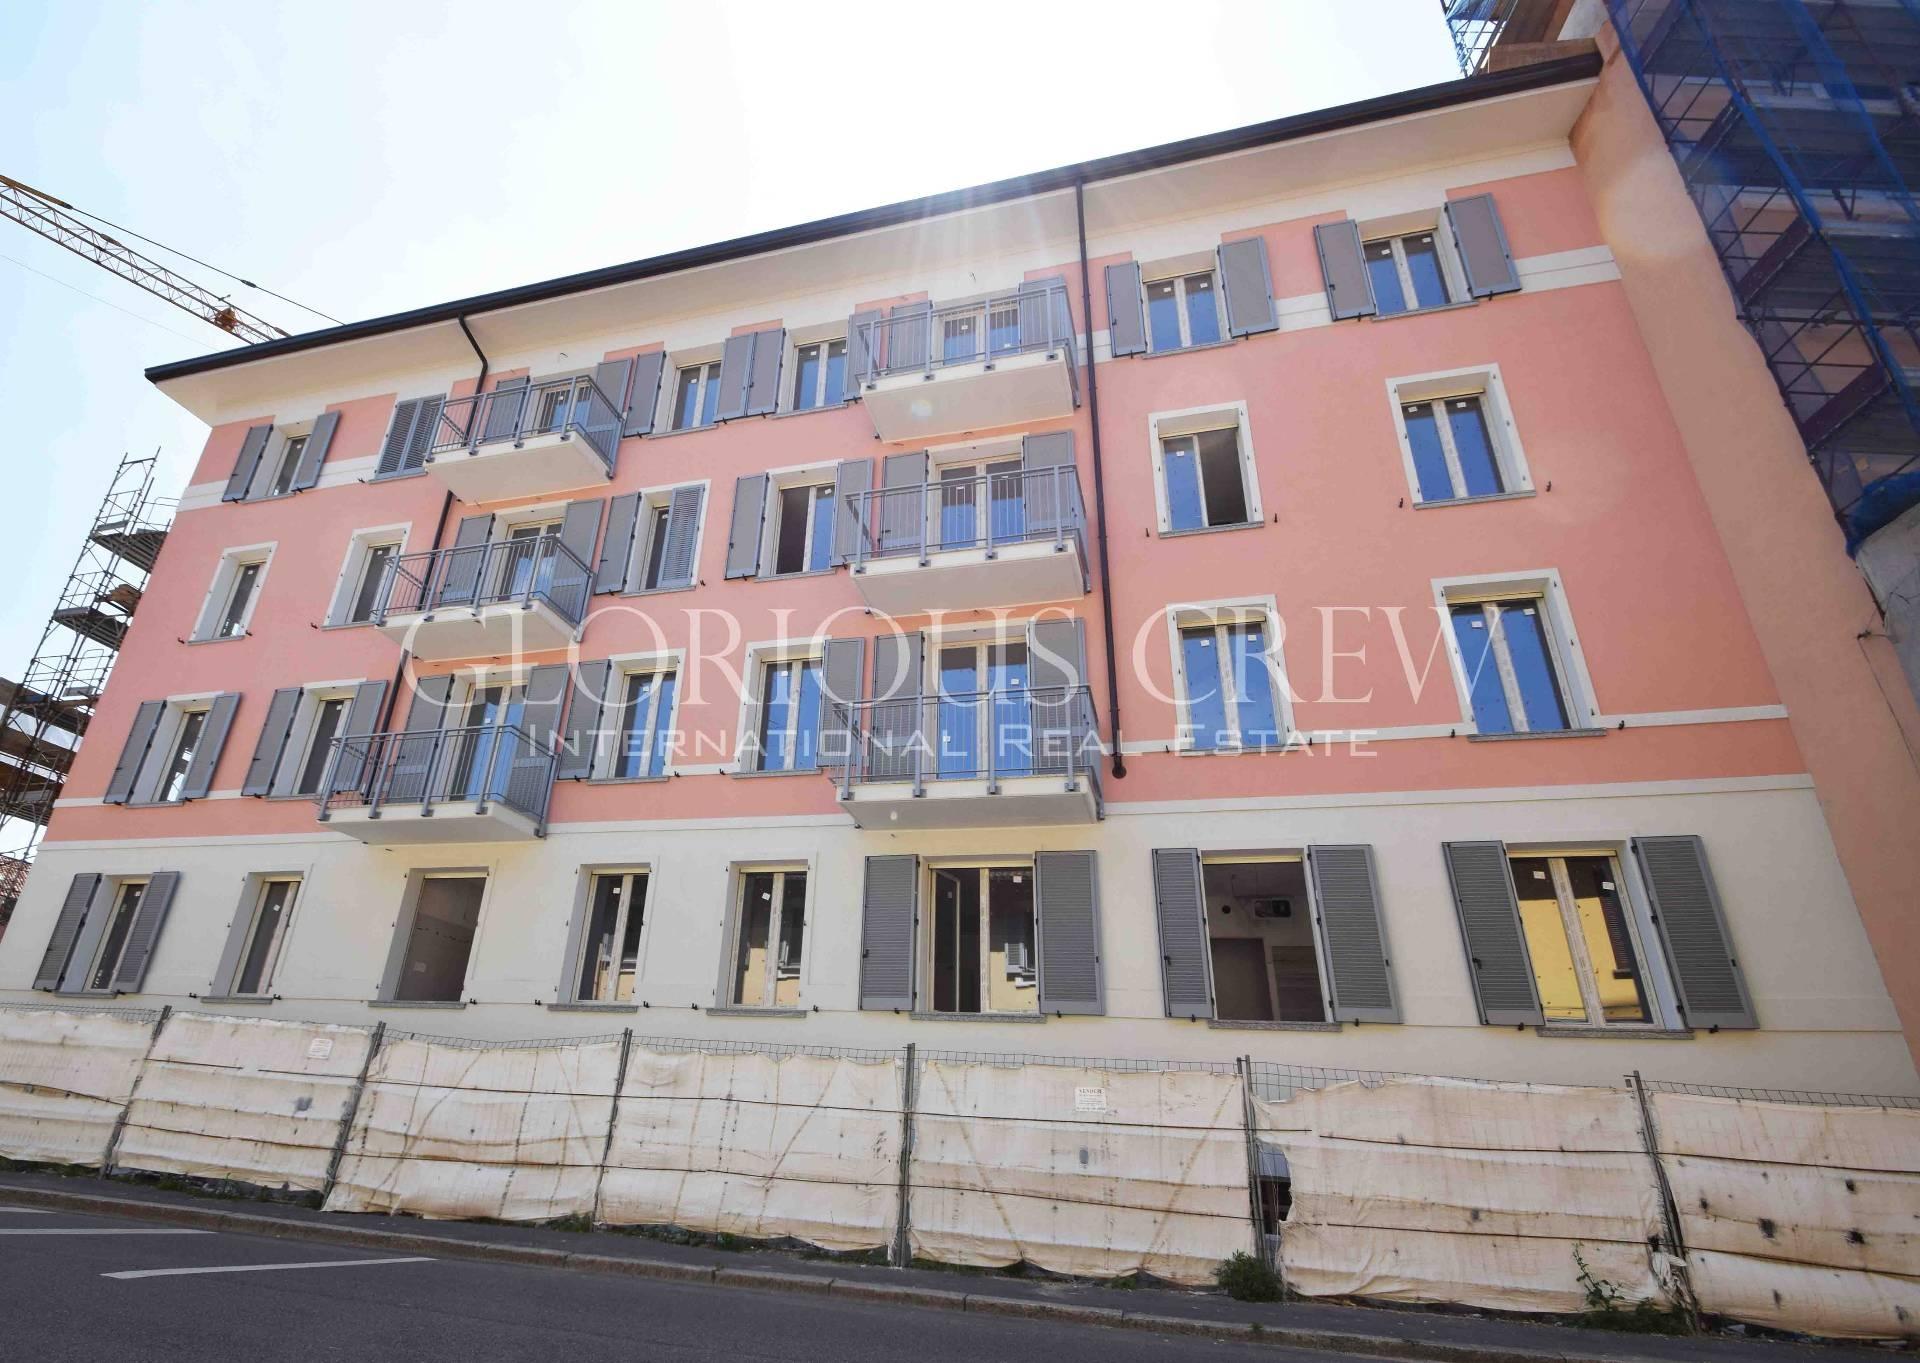 Appartamento in Vendita a San Donato Milanese:  2 locali, 60 mq  - Foto 1